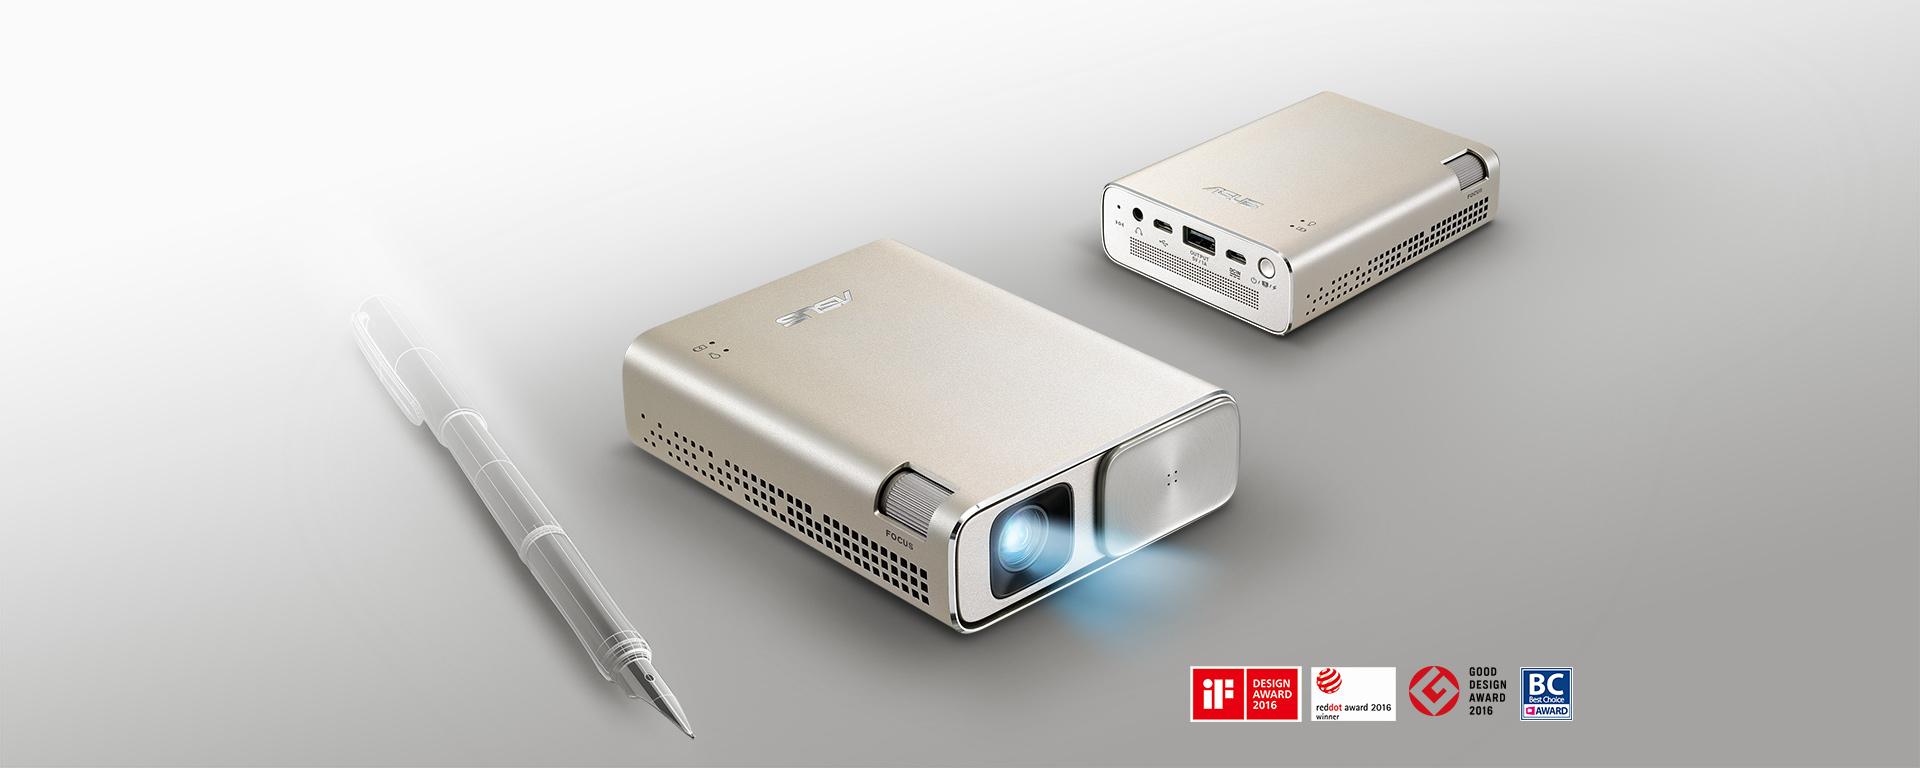 ایسوس ویدئو پروژکتور ZenBeam Go E1Z را معرفی کرد